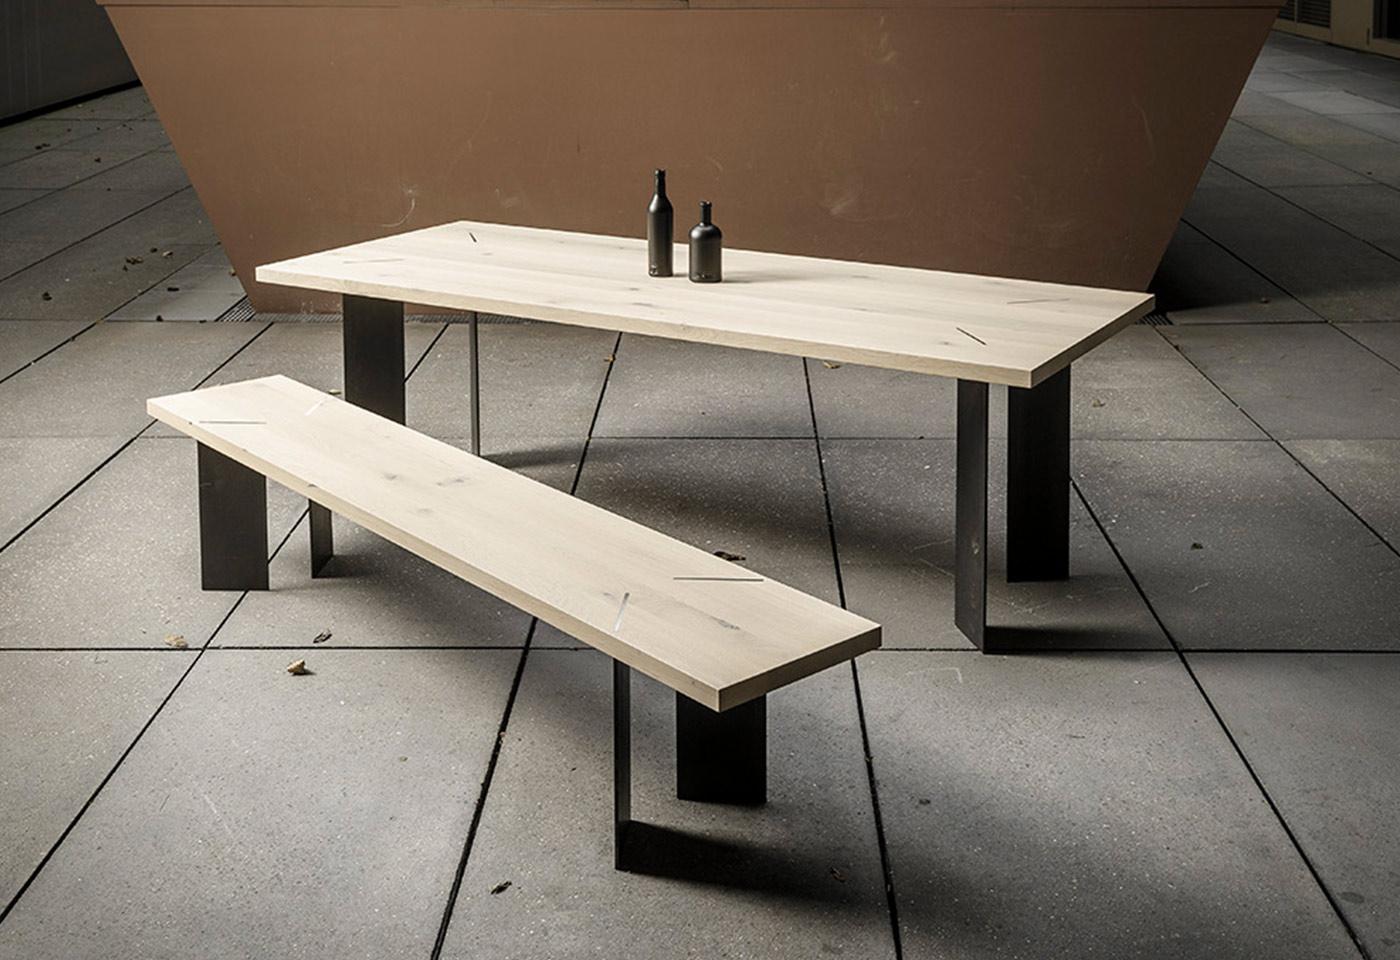 Esstisch aus Eicheholz mit schwarzen Stahlbeinen mit kubischen Formen